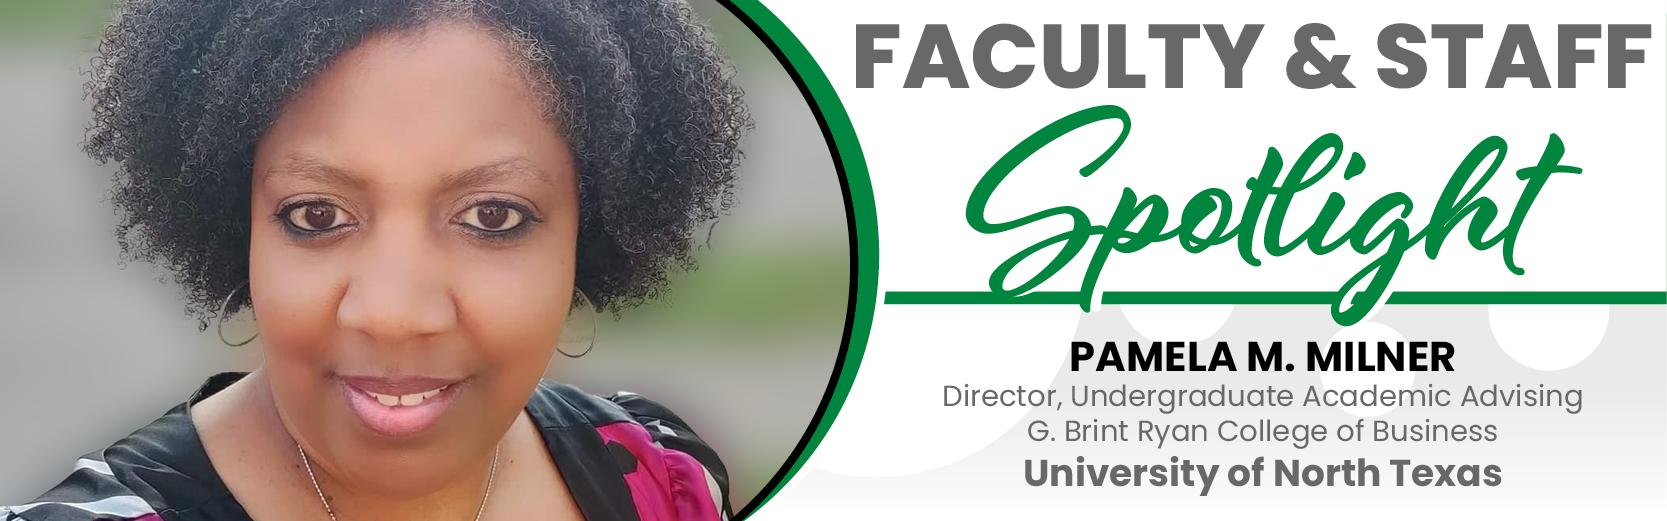 Faculty & Staff Spotlight: Pamela Milner